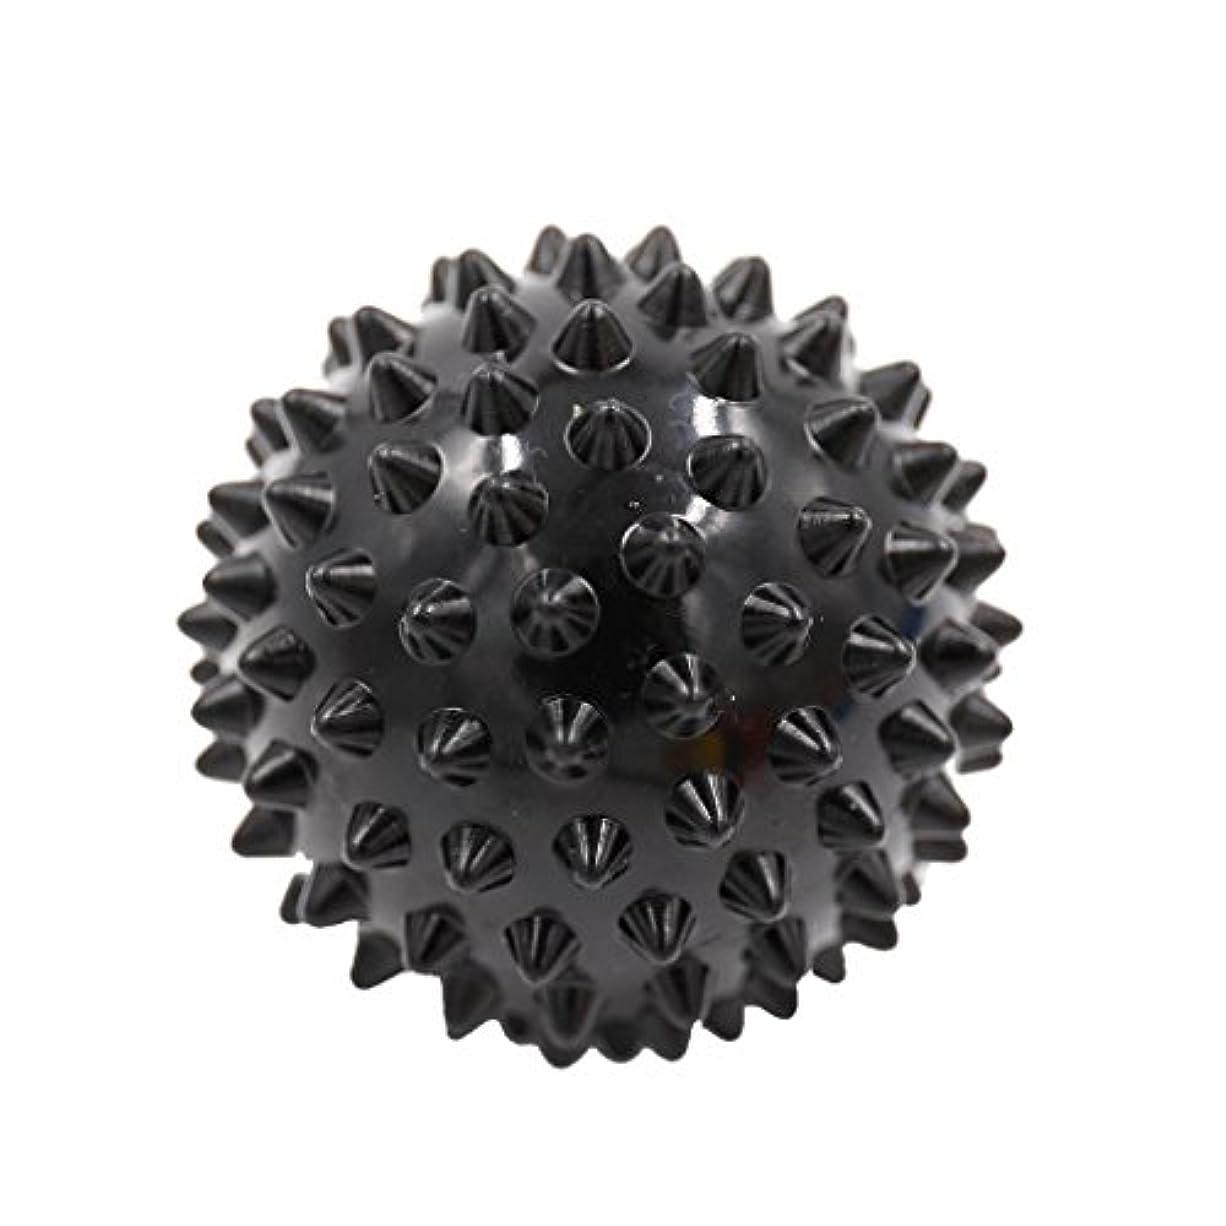 流辞書ずんぐりしたマッサージボール マッサージ器 ボディ レリーフ スパイク マッサージ 刺激ボール 3色選べ - ブラック, 説明したように